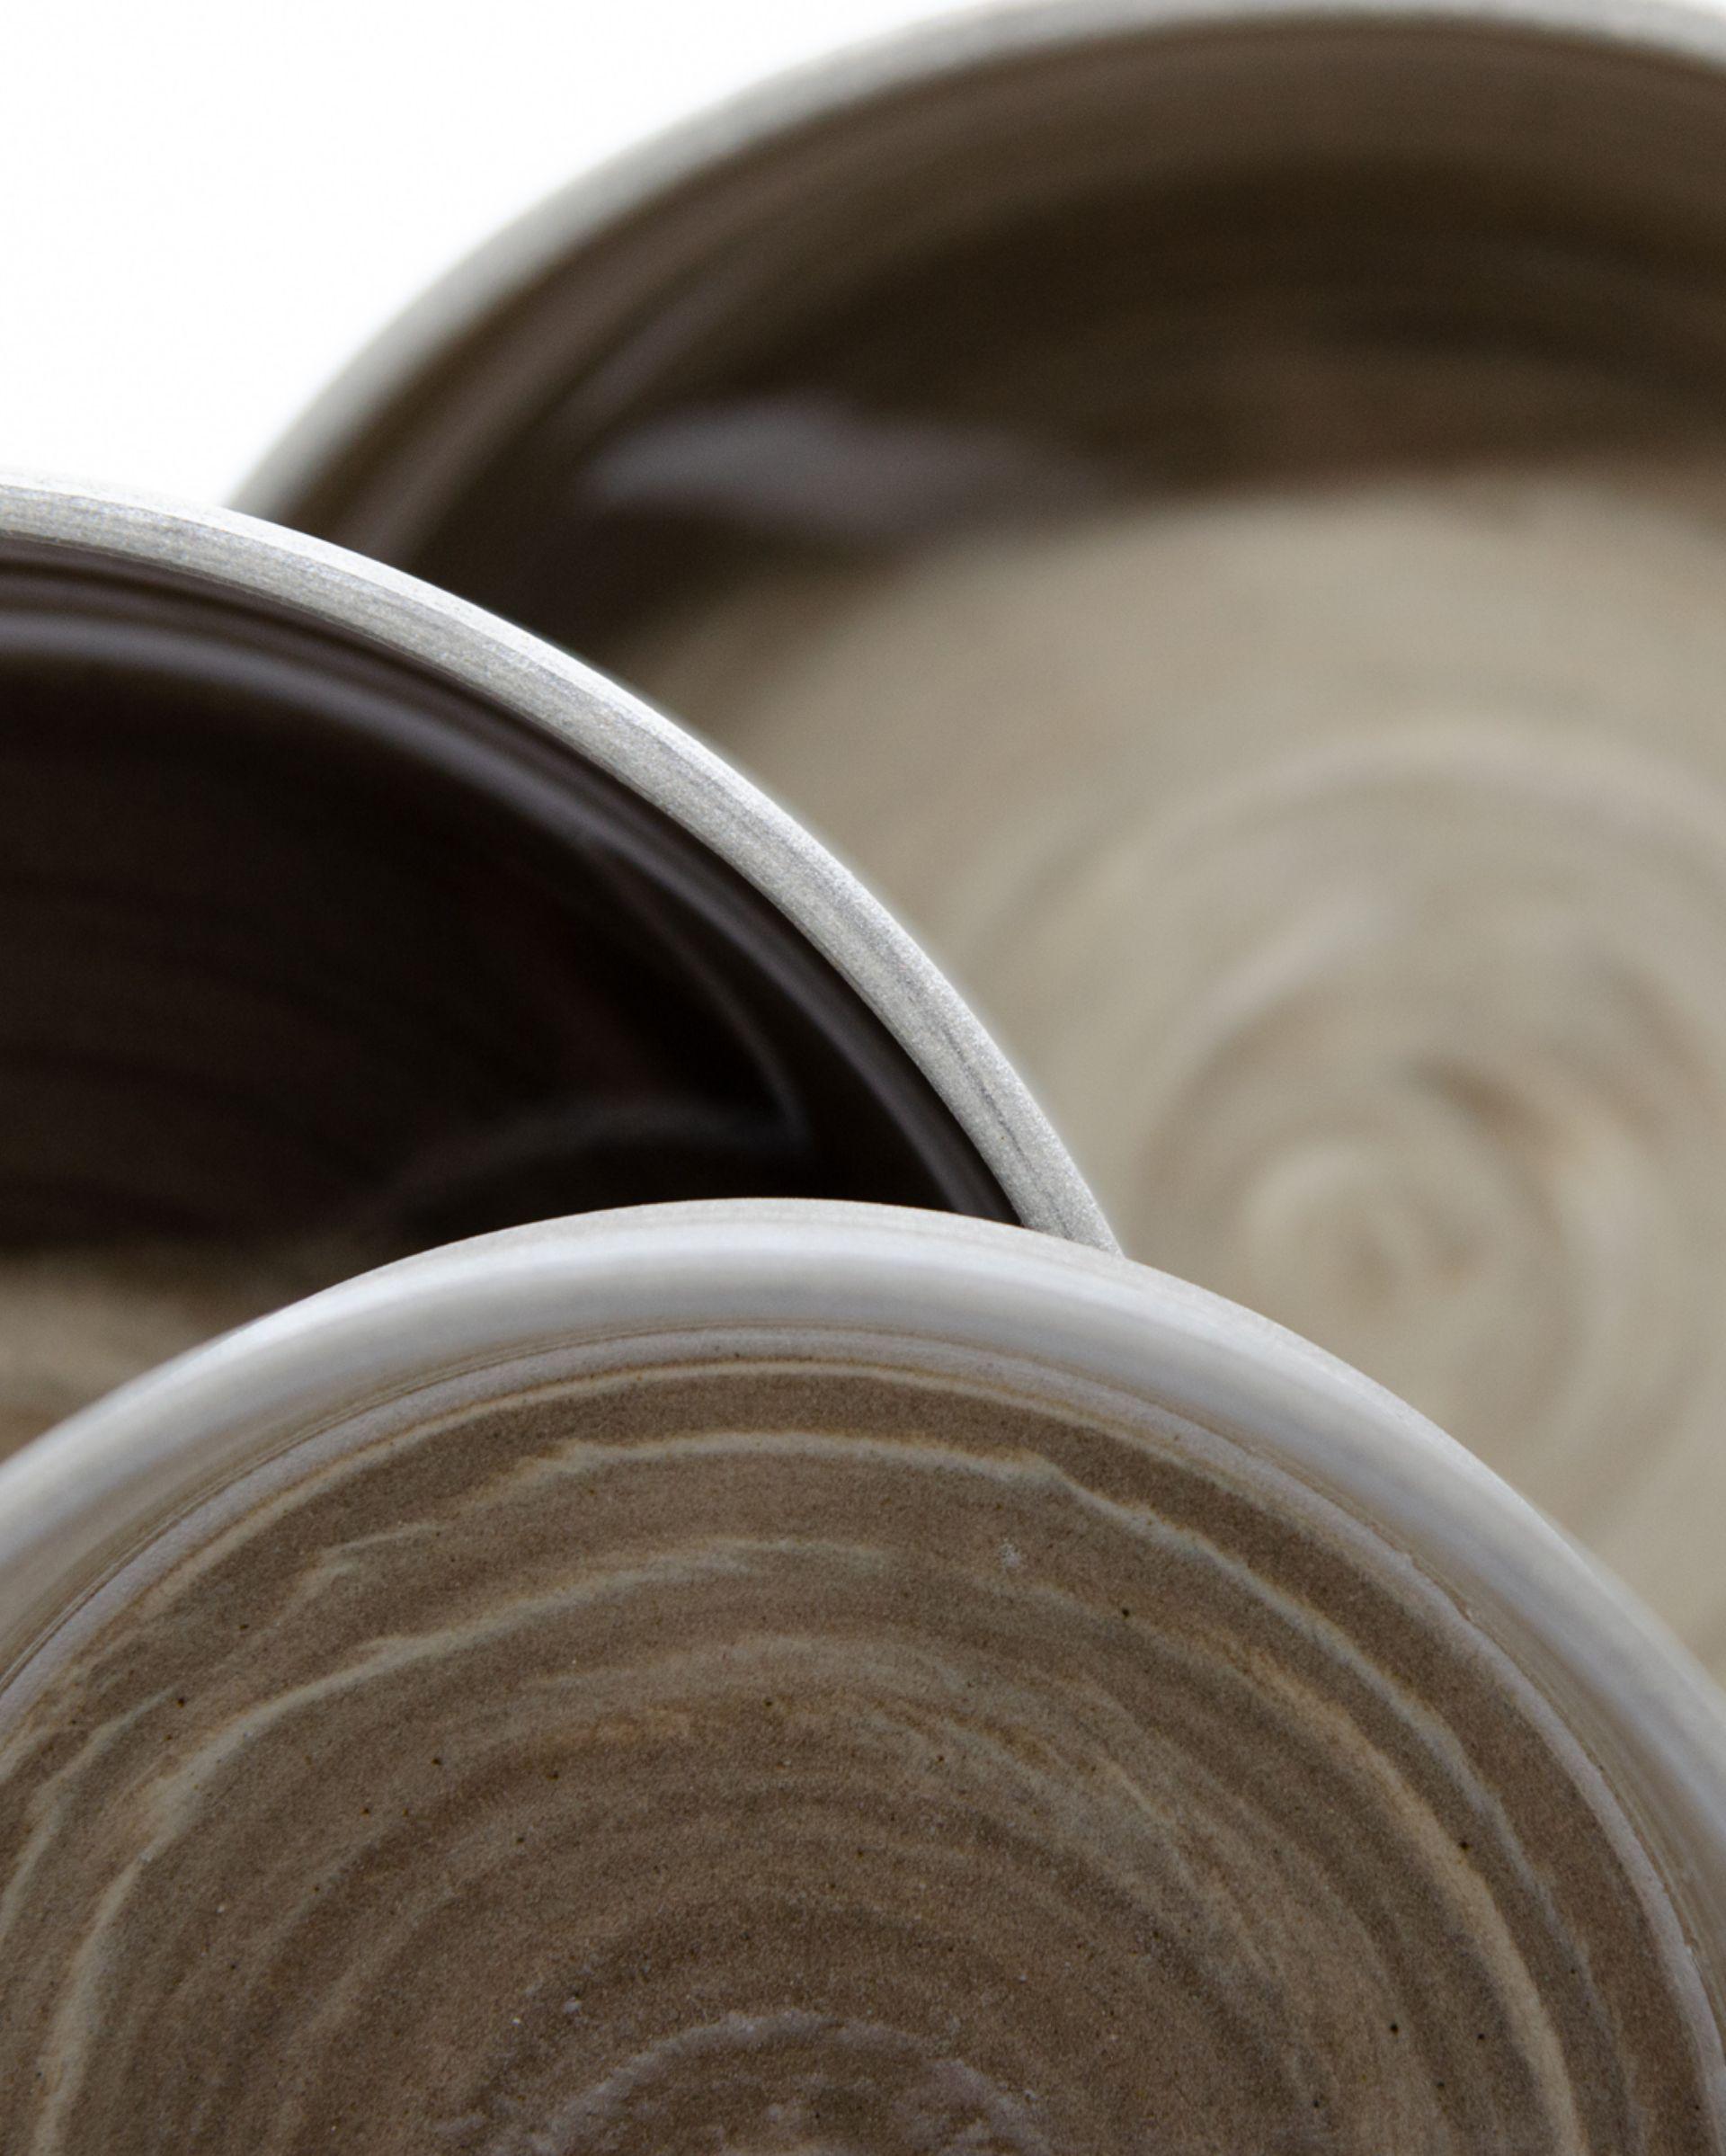 #clay #mixedclay #claylove #handmade #art #handmadeceramics #handcraft #ceramics #pottery #gosha_ceramics  #poterie #marbleclay #ilovepottery #bowls #tableware #dinnerware #wheelthrowing #claylove #ceramicart #poterie #saladbowl #ceramiclove #wheelthrown #keramik #céramique